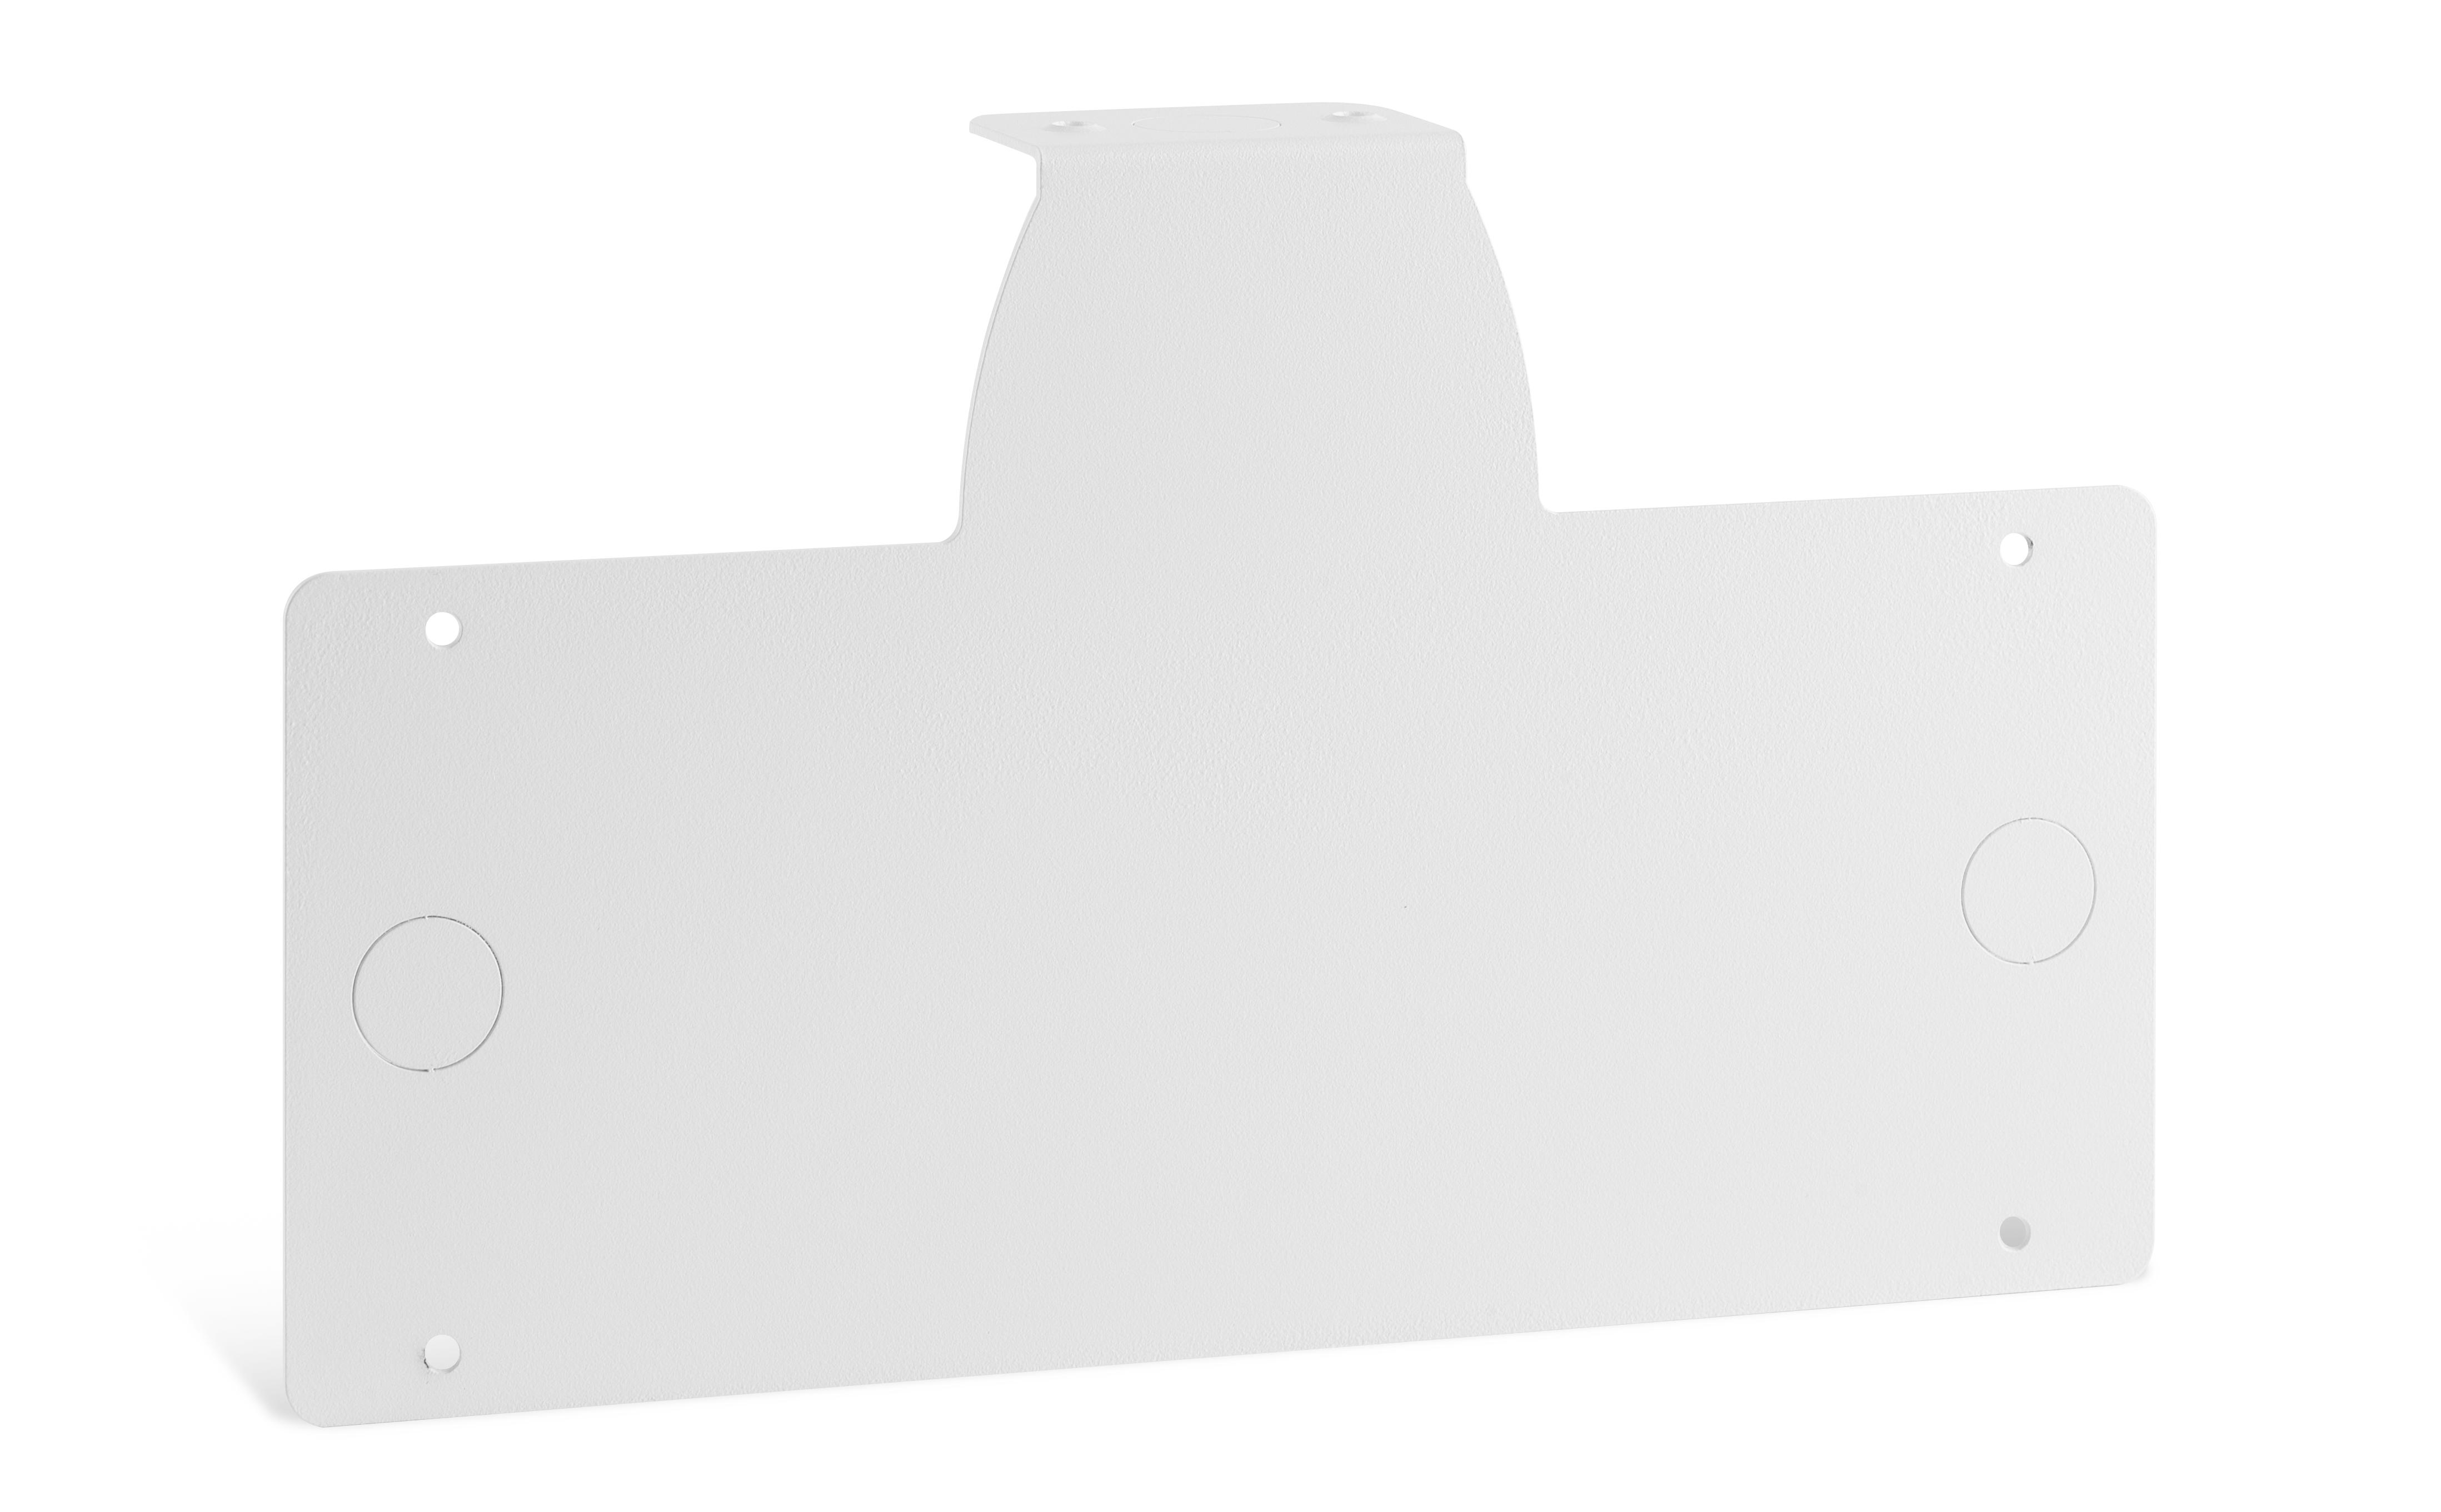 NOTIFIER-239 | Soporte metálico para montaje en techo para PAN1-PLUS.